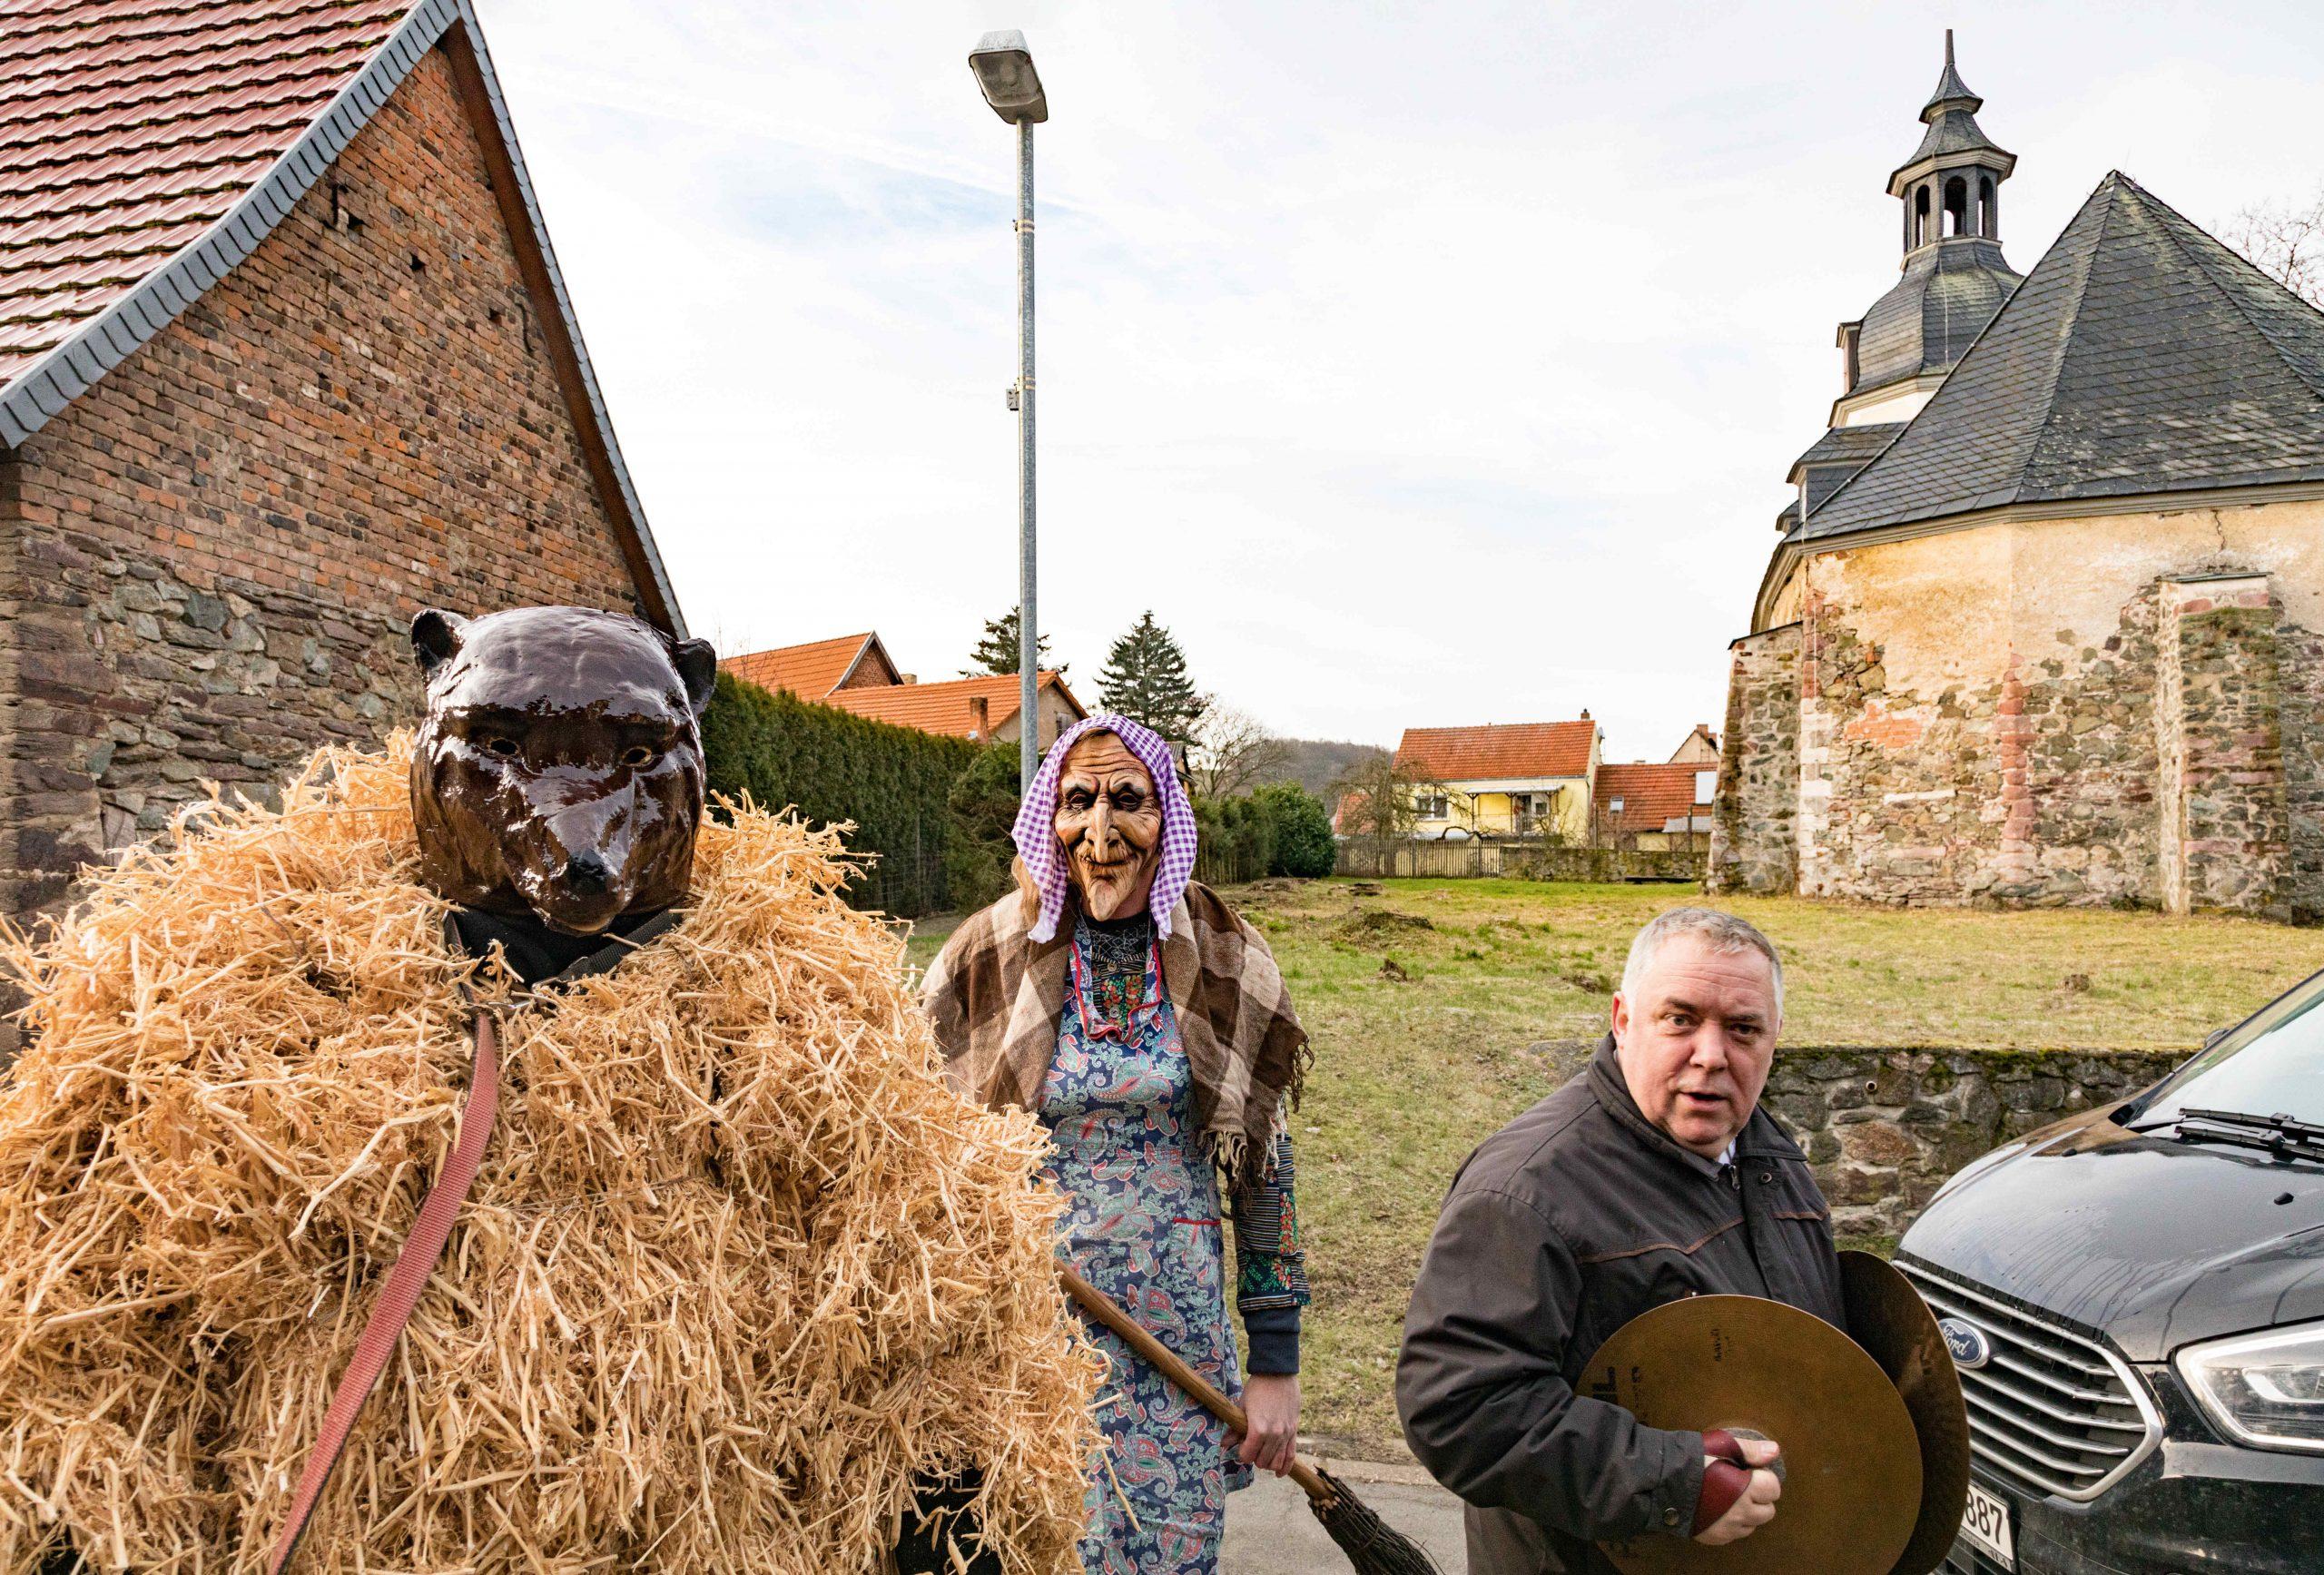 Erbsbär und Hexe beim Umgang. Foto: Matthias Behne